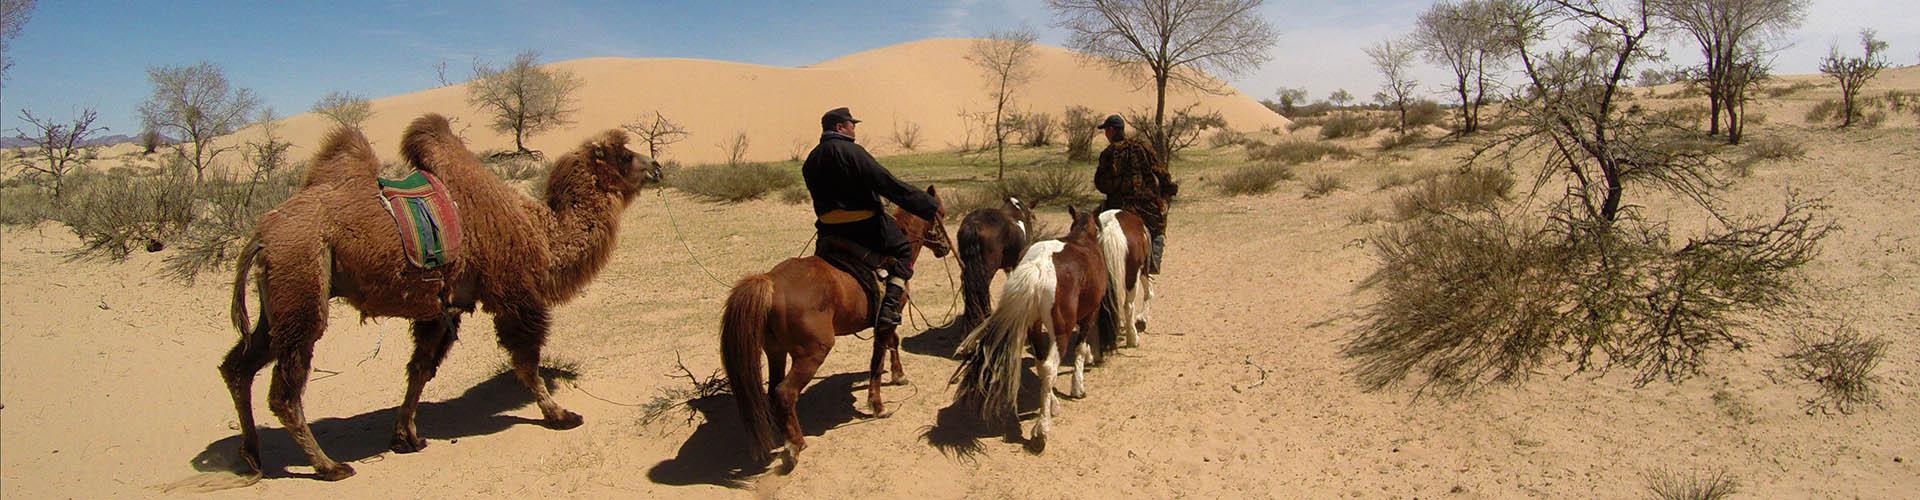 matériel d equitation de randonnée